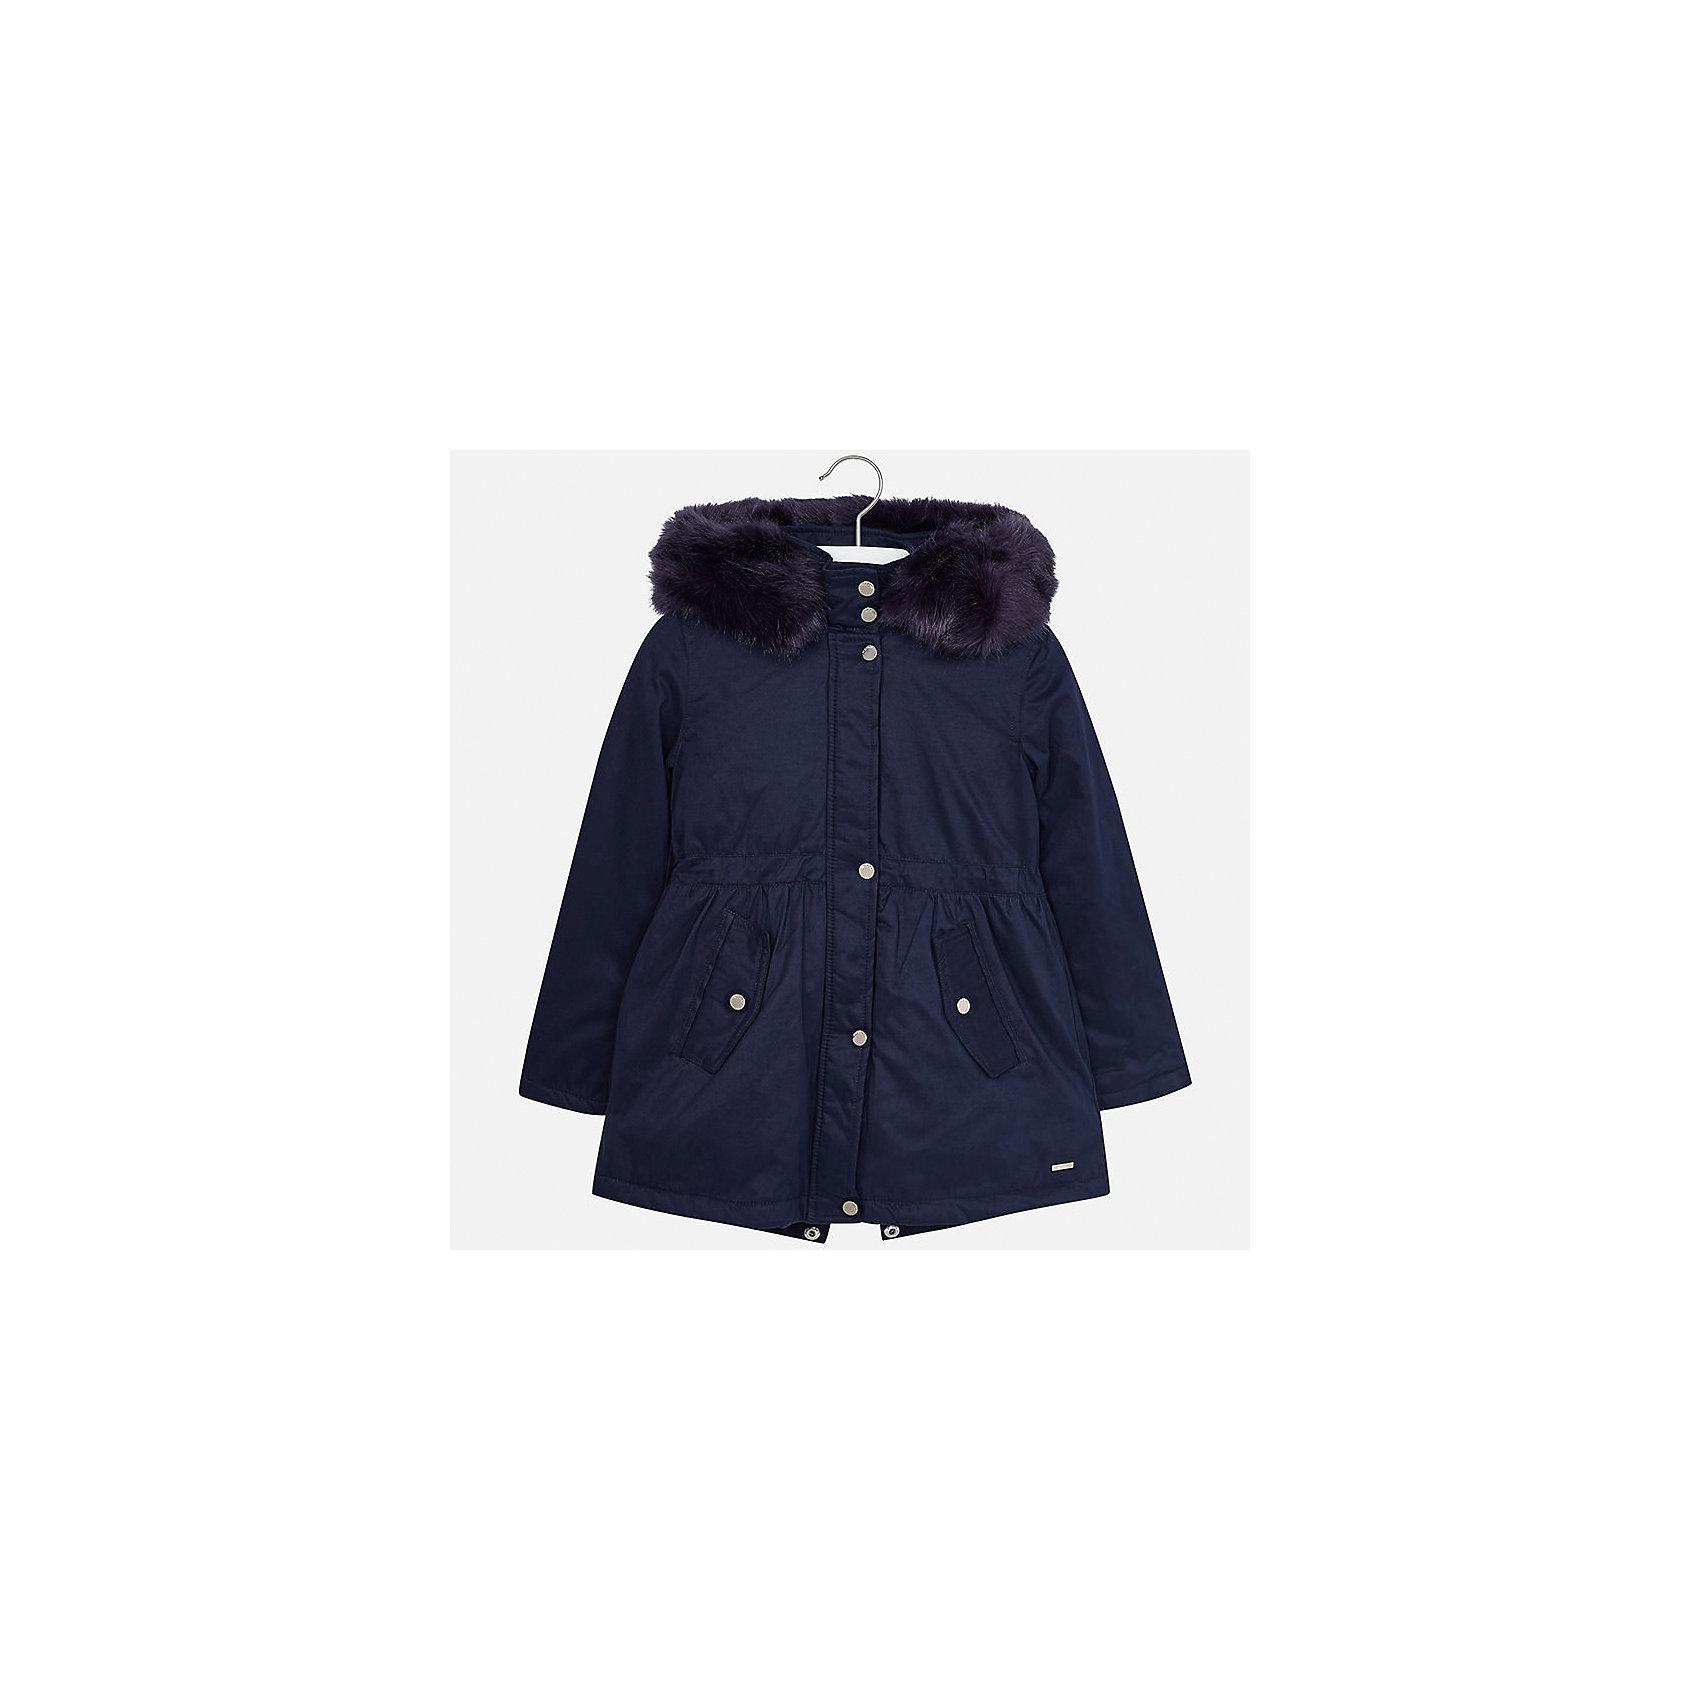 Куртка Mayoral для девочкиВерхняя одежда<br>Характеристики товара:<br><br>• цвет: синий<br>• состав ткани: 90% полиэстер, 10% полиамид, подклад - 100% полиэстер, утеплитель - 100% полиэстер<br>• застежка: молния<br>• капюшон с опушкой<br>• сезон: демисезон<br>• температурный режим: от 0 до -10С<br>• страна бренда: Испания<br>• страна изготовитель: Индия<br><br>Синяя куртка Mayoral с отделкой из искусственного меха соответствует новейшим тенденциям молодежной моды. Такая утепленная куртка поможет сделать образ стильным и оригинальным. <br><br>В одежде от испанской компании Майорал ребенок будет выглядеть модно, а чувствовать себя - комфортно. Целая команда европейских талантливых дизайнеров работает над созданием стильных и оригинальных моделей одежды.<br><br>Куртку для девочки Mayoral (Майорал) можно купить в нашем интернет-магазине.<br><br>Ширина мм: 356<br>Глубина мм: 10<br>Высота мм: 245<br>Вес г: 519<br>Цвет: темно-синий<br>Возраст от месяцев: 96<br>Возраст до месяцев: 108<br>Пол: Женский<br>Возраст: Детский<br>Размер: 128/134,170,164,158,152,140<br>SKU: 6922178